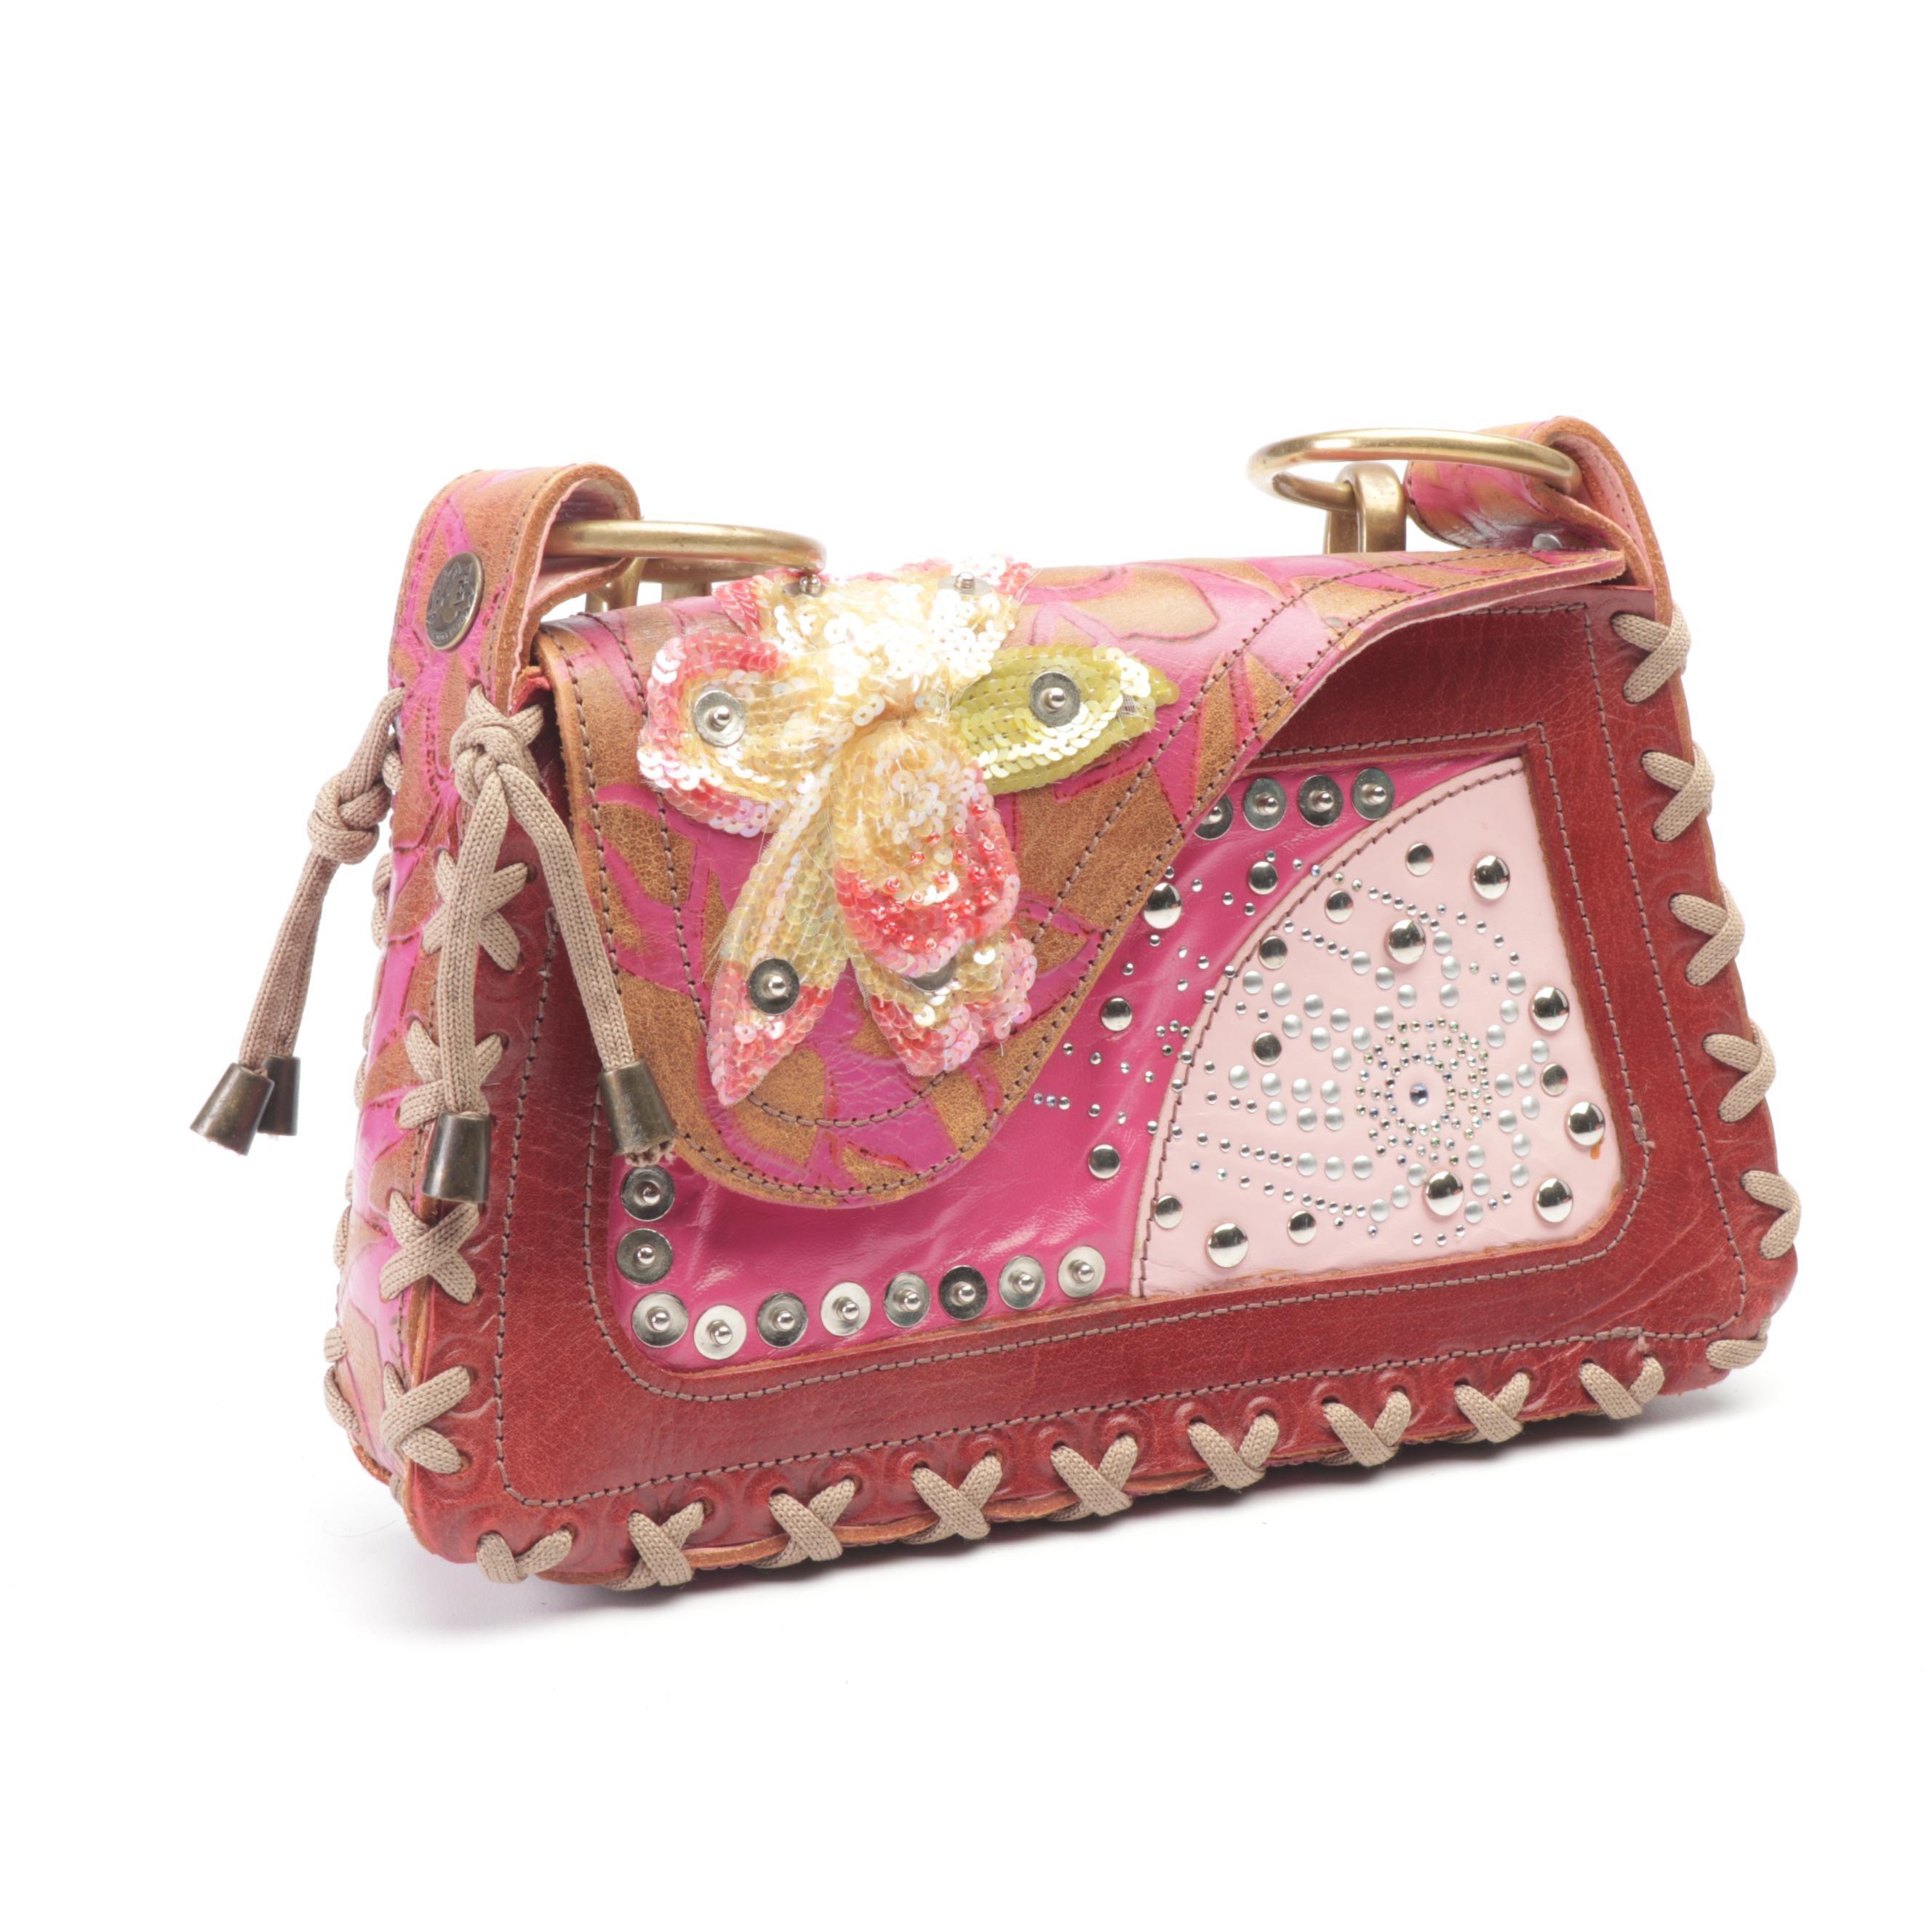 Bracher Emden Embellished Patchwork Leather Handbag